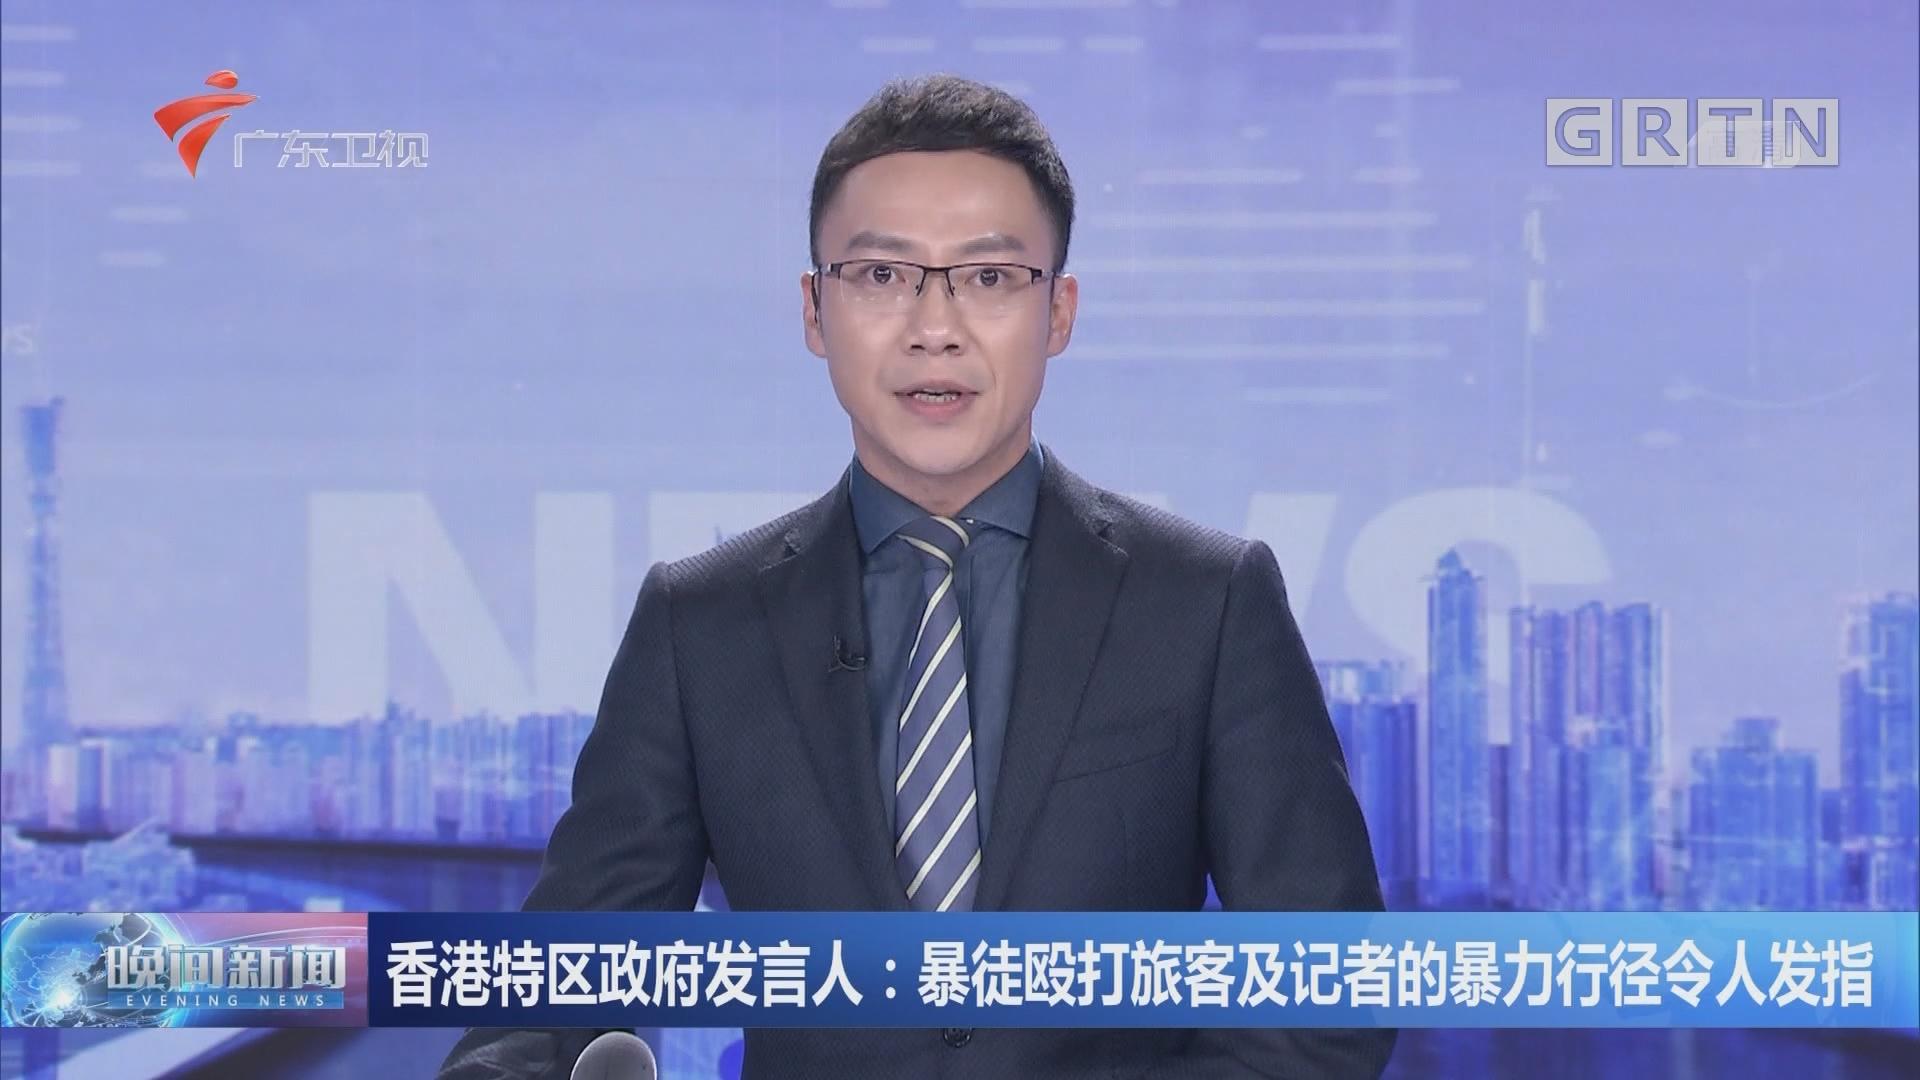 香港特区政府发言人:暴徒殴打旅客及记者的暴力行径令人发指